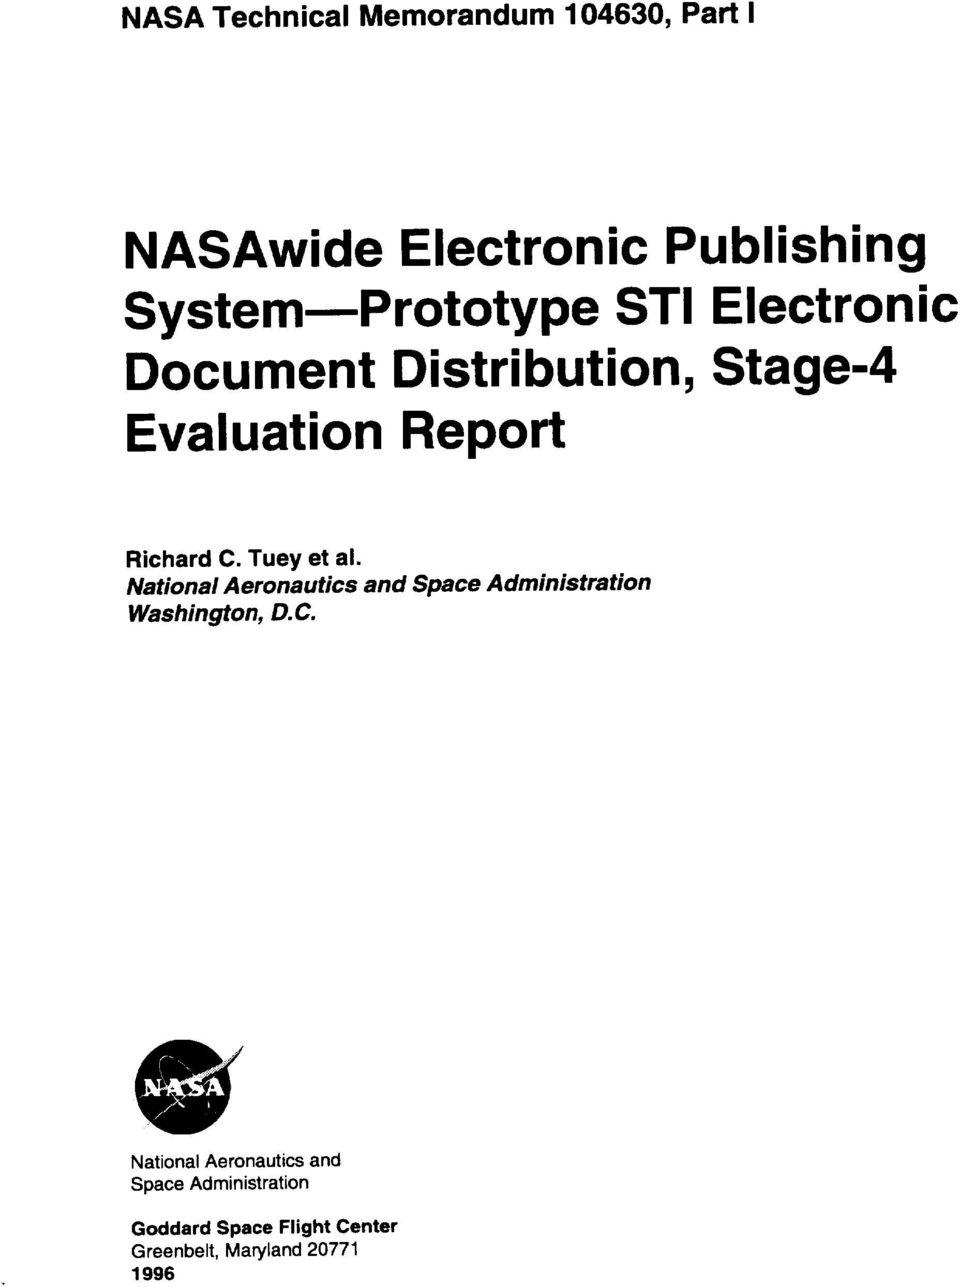 NASAwide Electronic Publishing System_Prototype STI